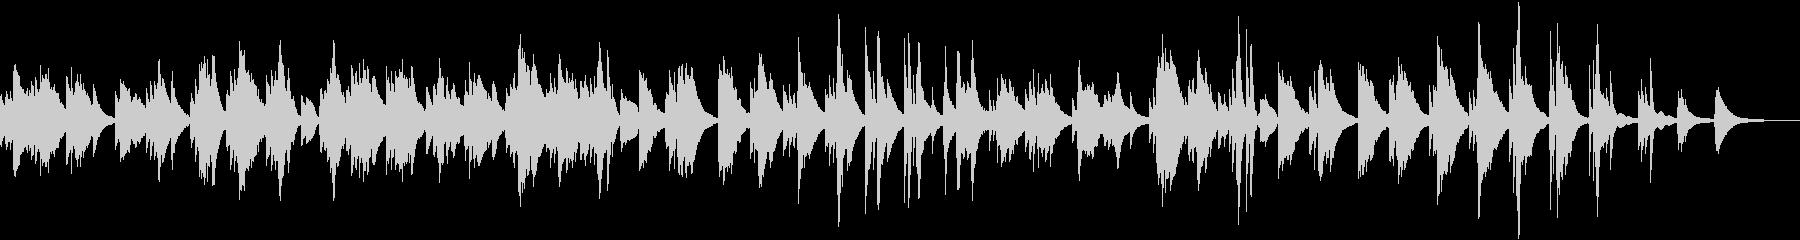 和音の響きが美しいあたたかなピアノ曲の未再生の波形